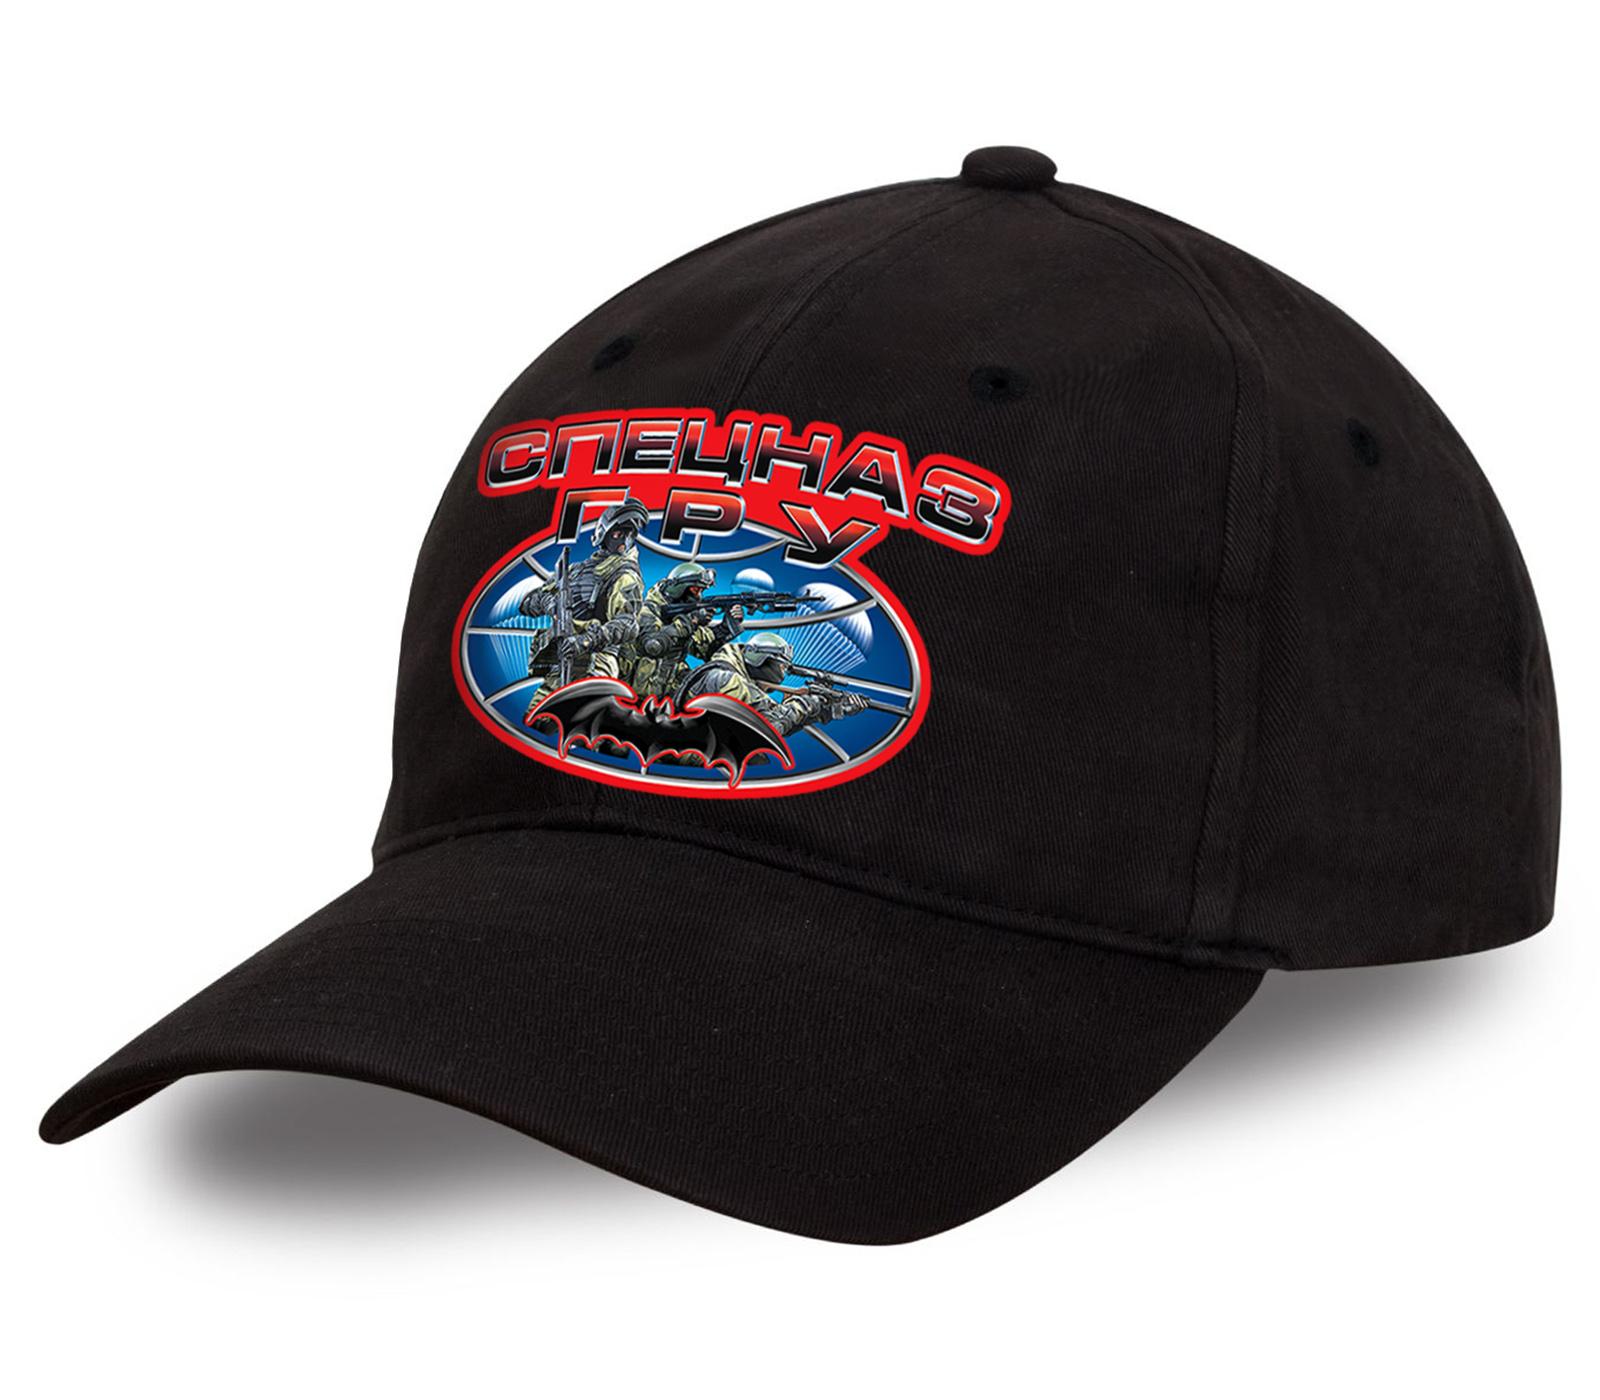 Эксклюзивная бейсболка для парней из спецназа ГРУ. Стильный головной убор, заказывай и носи с гордостью!